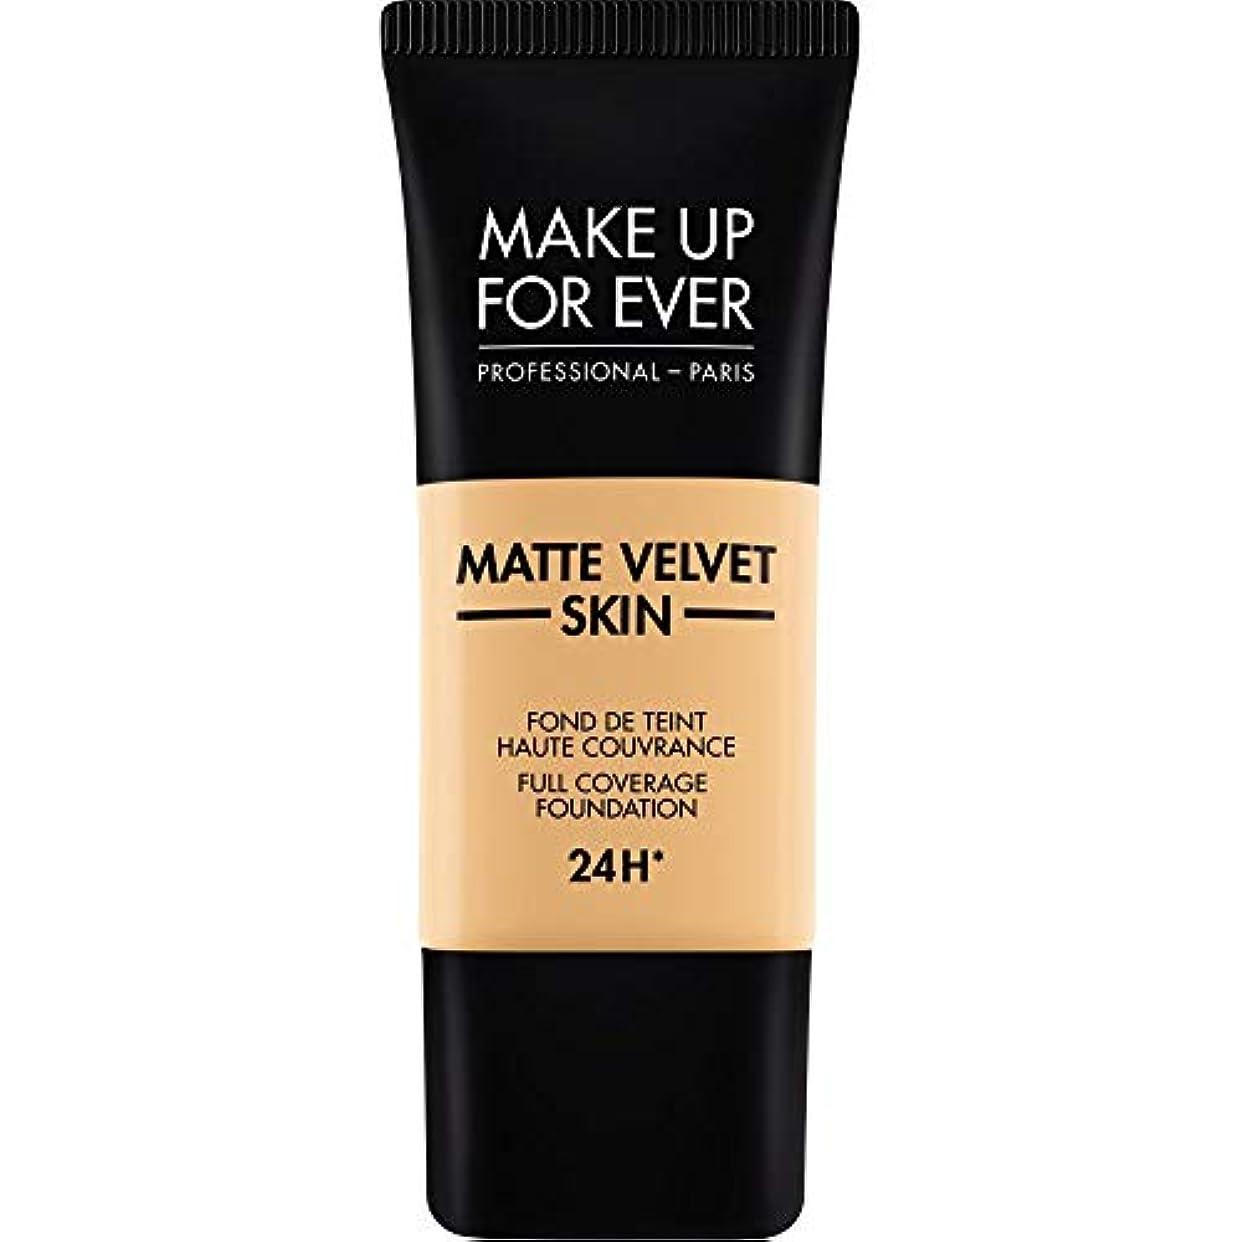 スポーツラリーベルモント有名人[MAKE UP FOR EVER ] 柔らかい砂 - これまでマットベルベットの皮膚のフルカバレッジ基礎30ミリリットルのY245を補います - MAKE UP FOR EVER Matte Velvet Skin Full...